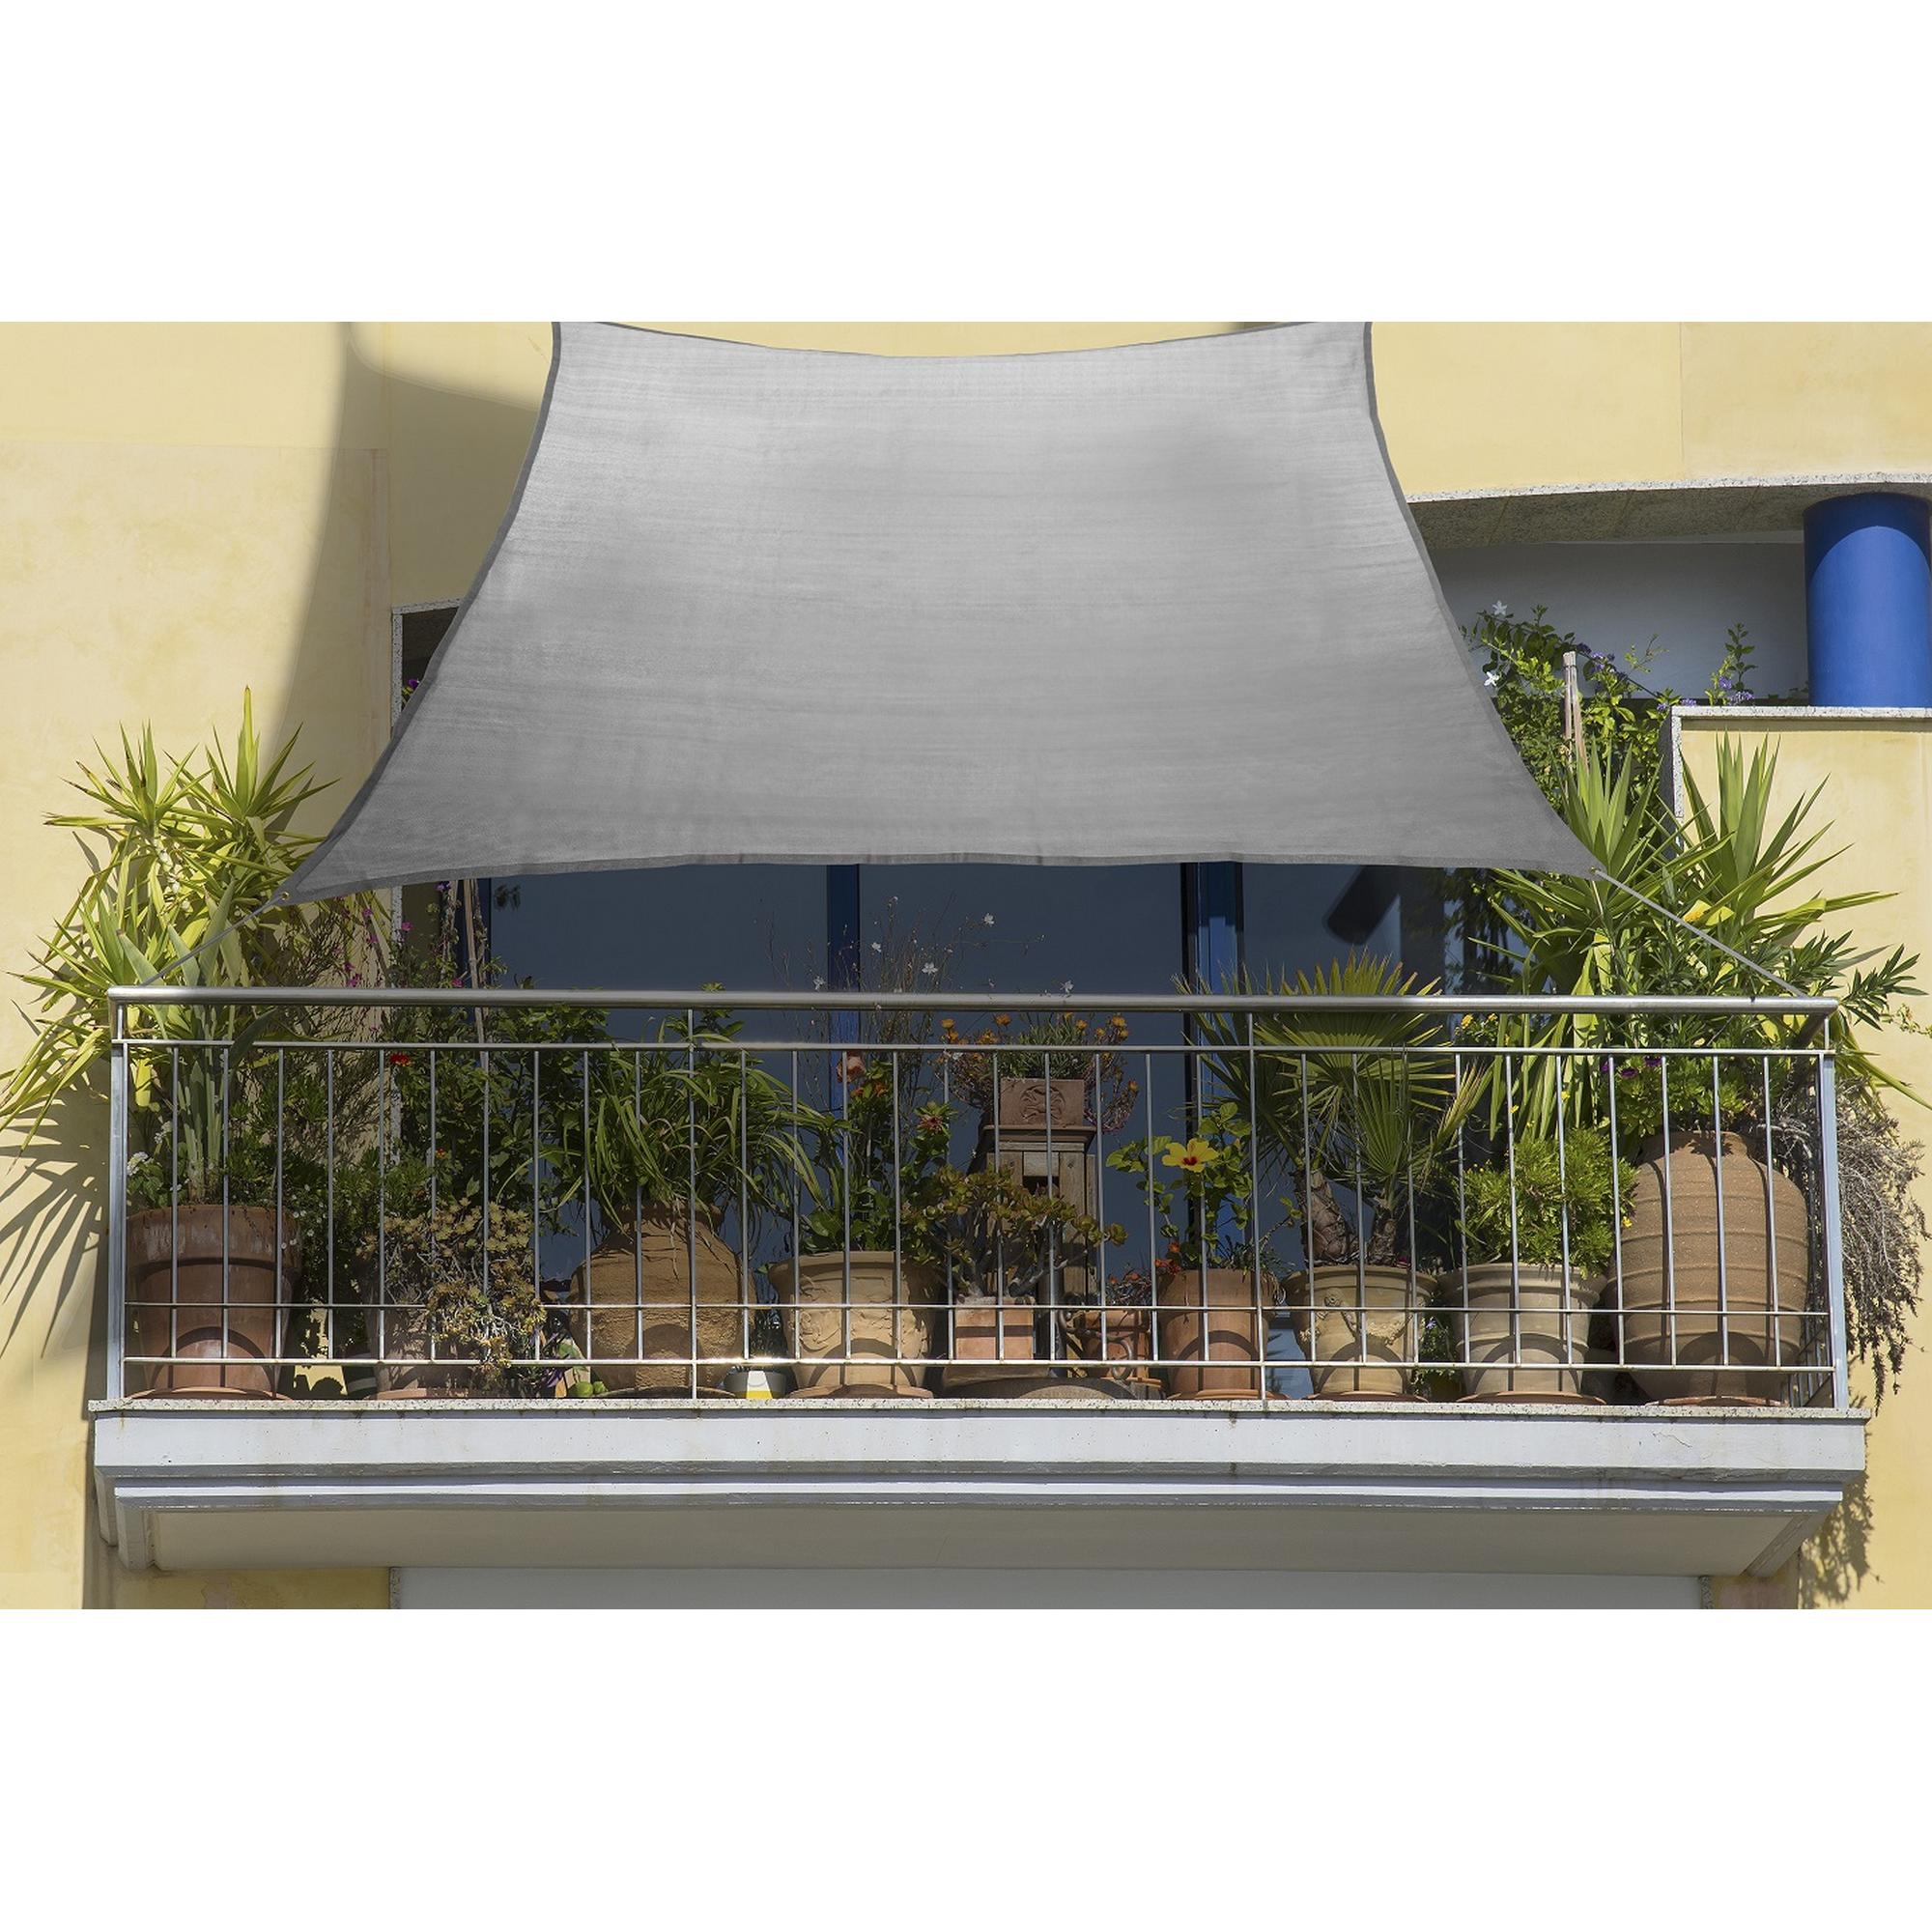 Peddy Shield Balkon Sonnensegel 140 X 270 Cm Anthrazit ǀ Toom Baumarkt